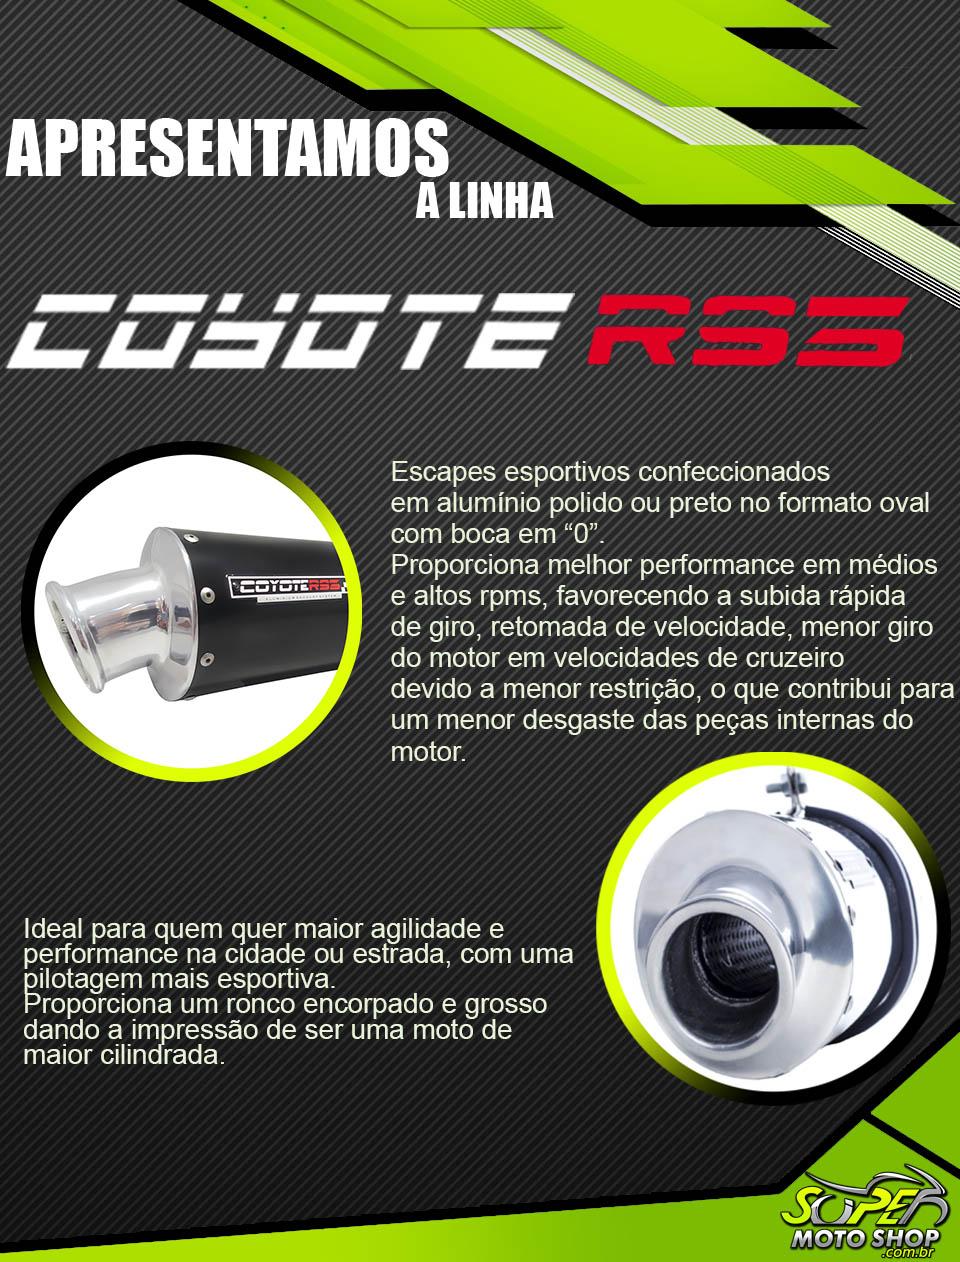 Escape / Ponteira Coyote RS3 em Alumínio Oval - F 850 GS Adventure - BMW